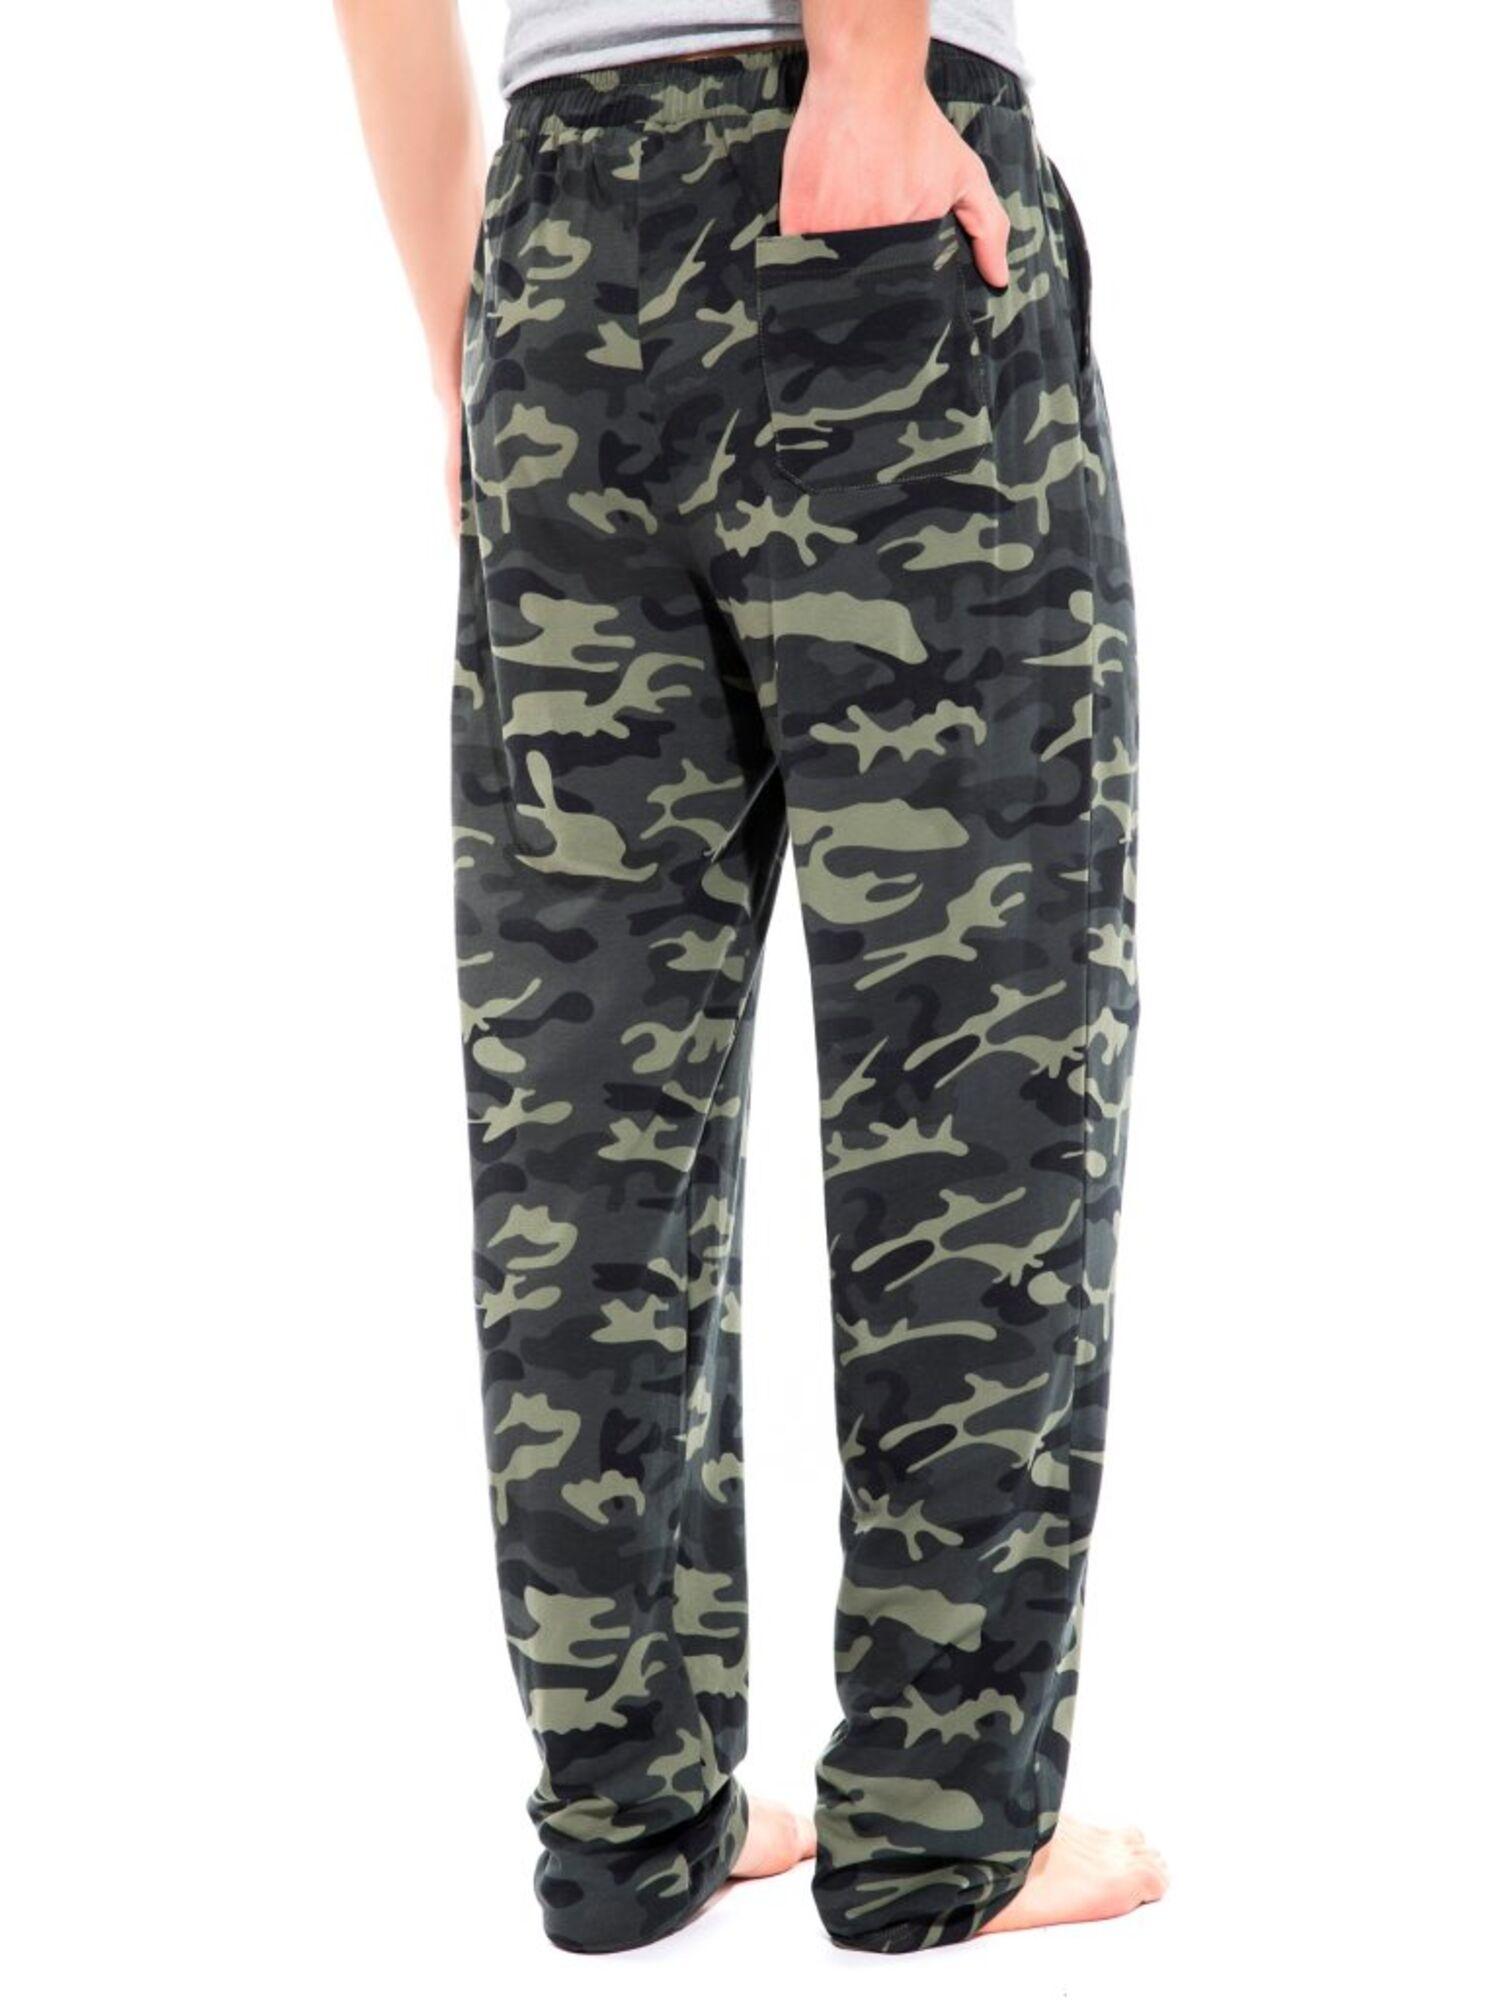 Легкие трикотажные брюки Marine Militaire 042 милитари